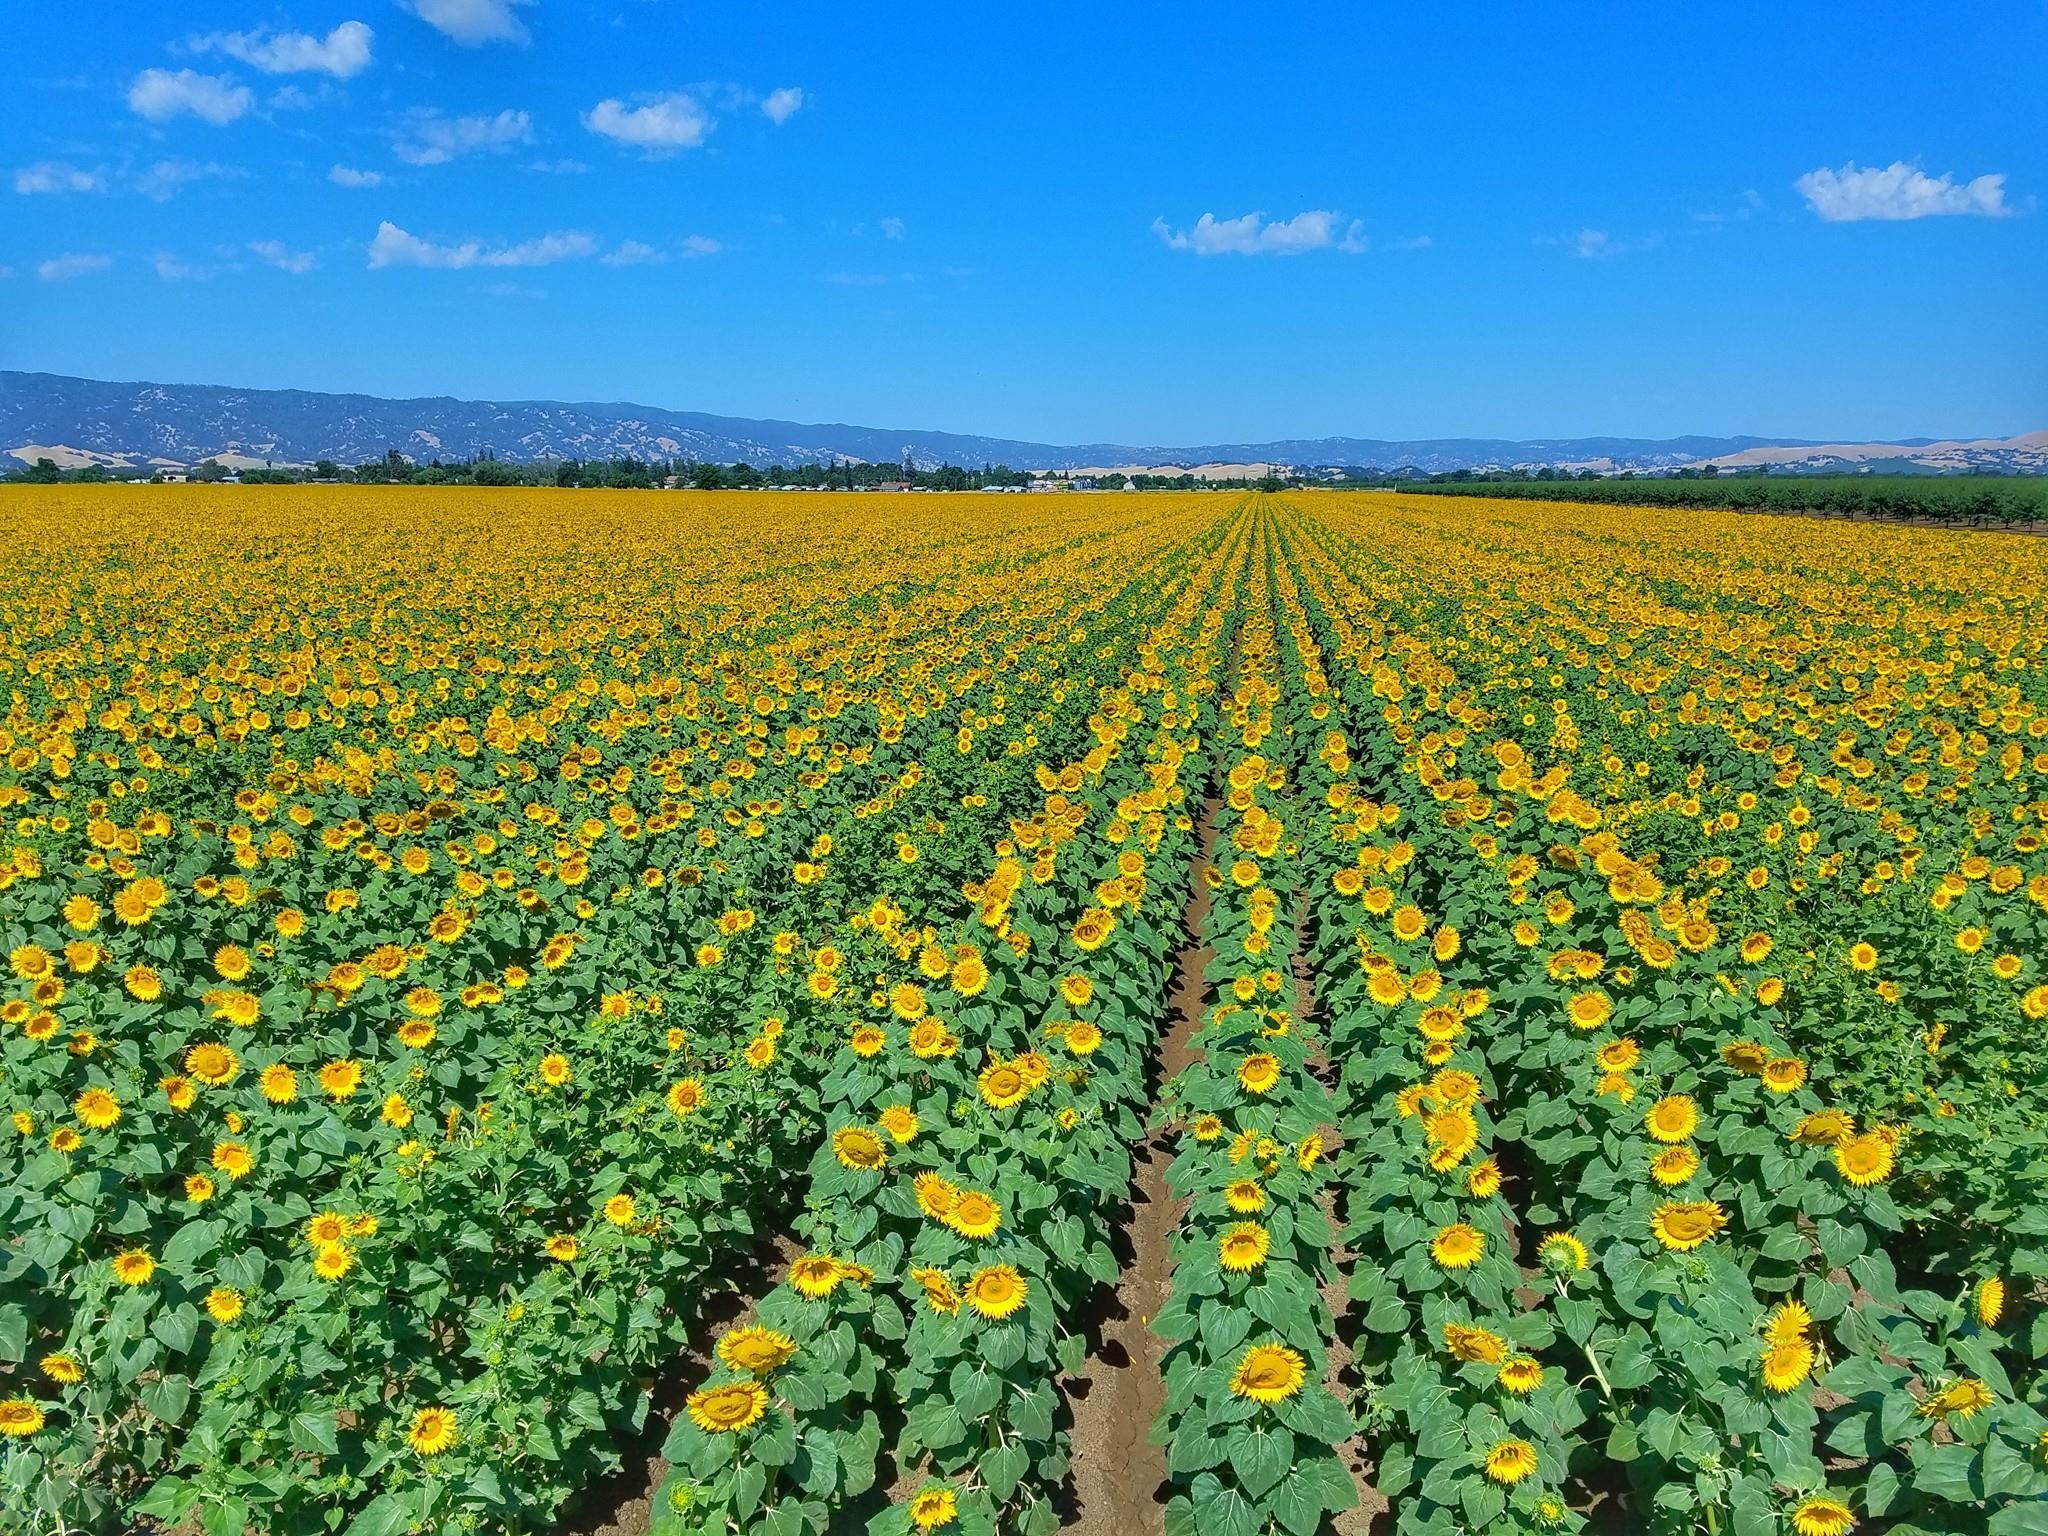 tulip fields near me